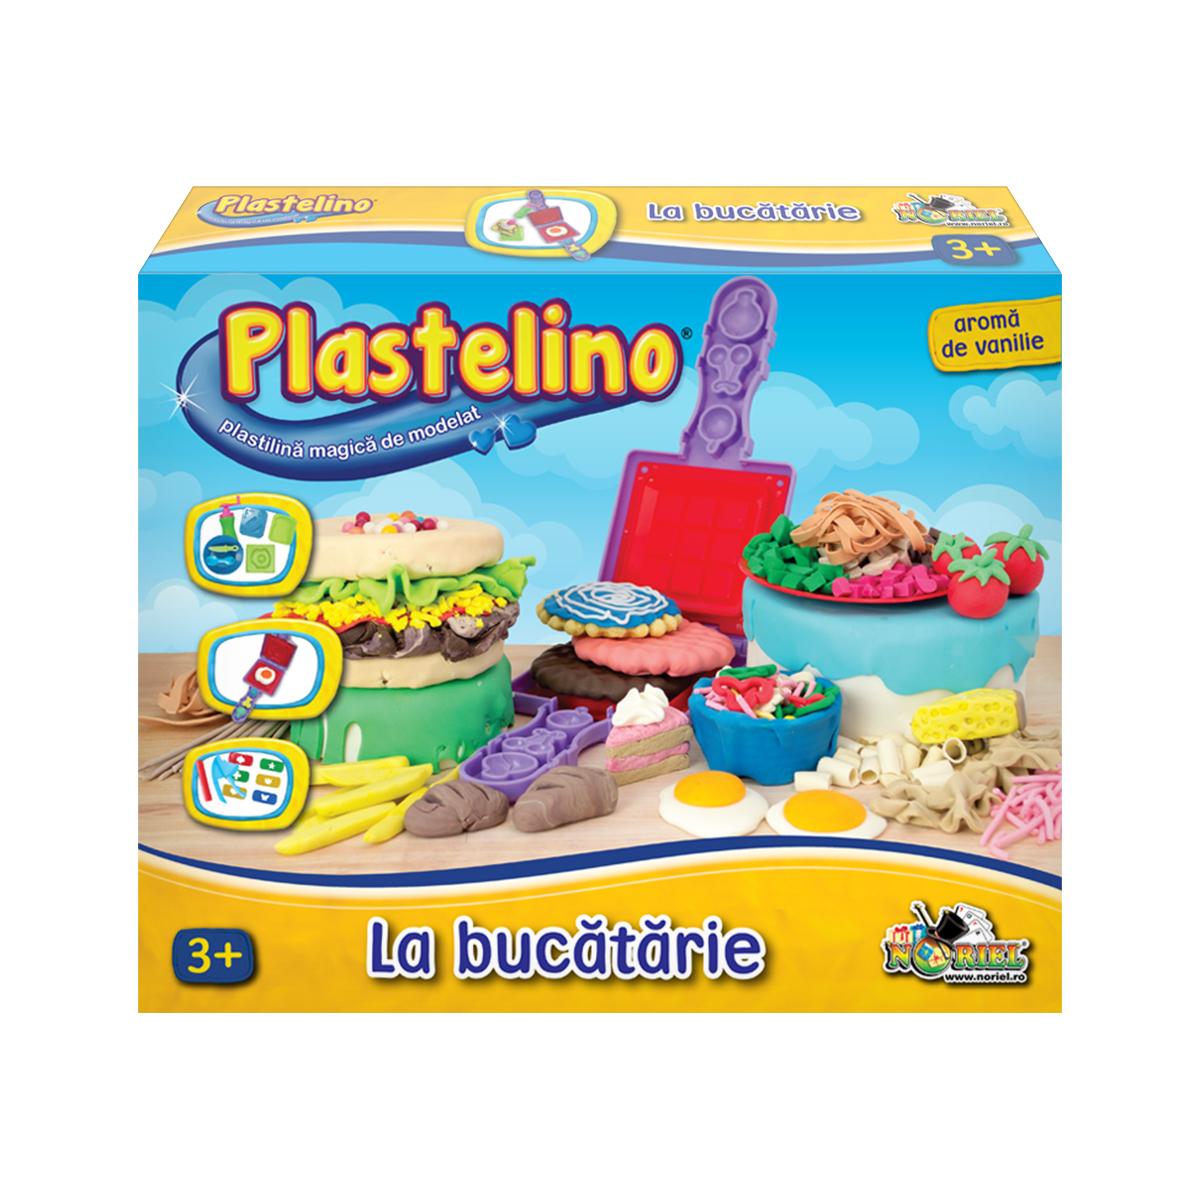 Noriel Plastelino - La bucatarie (plastilina)